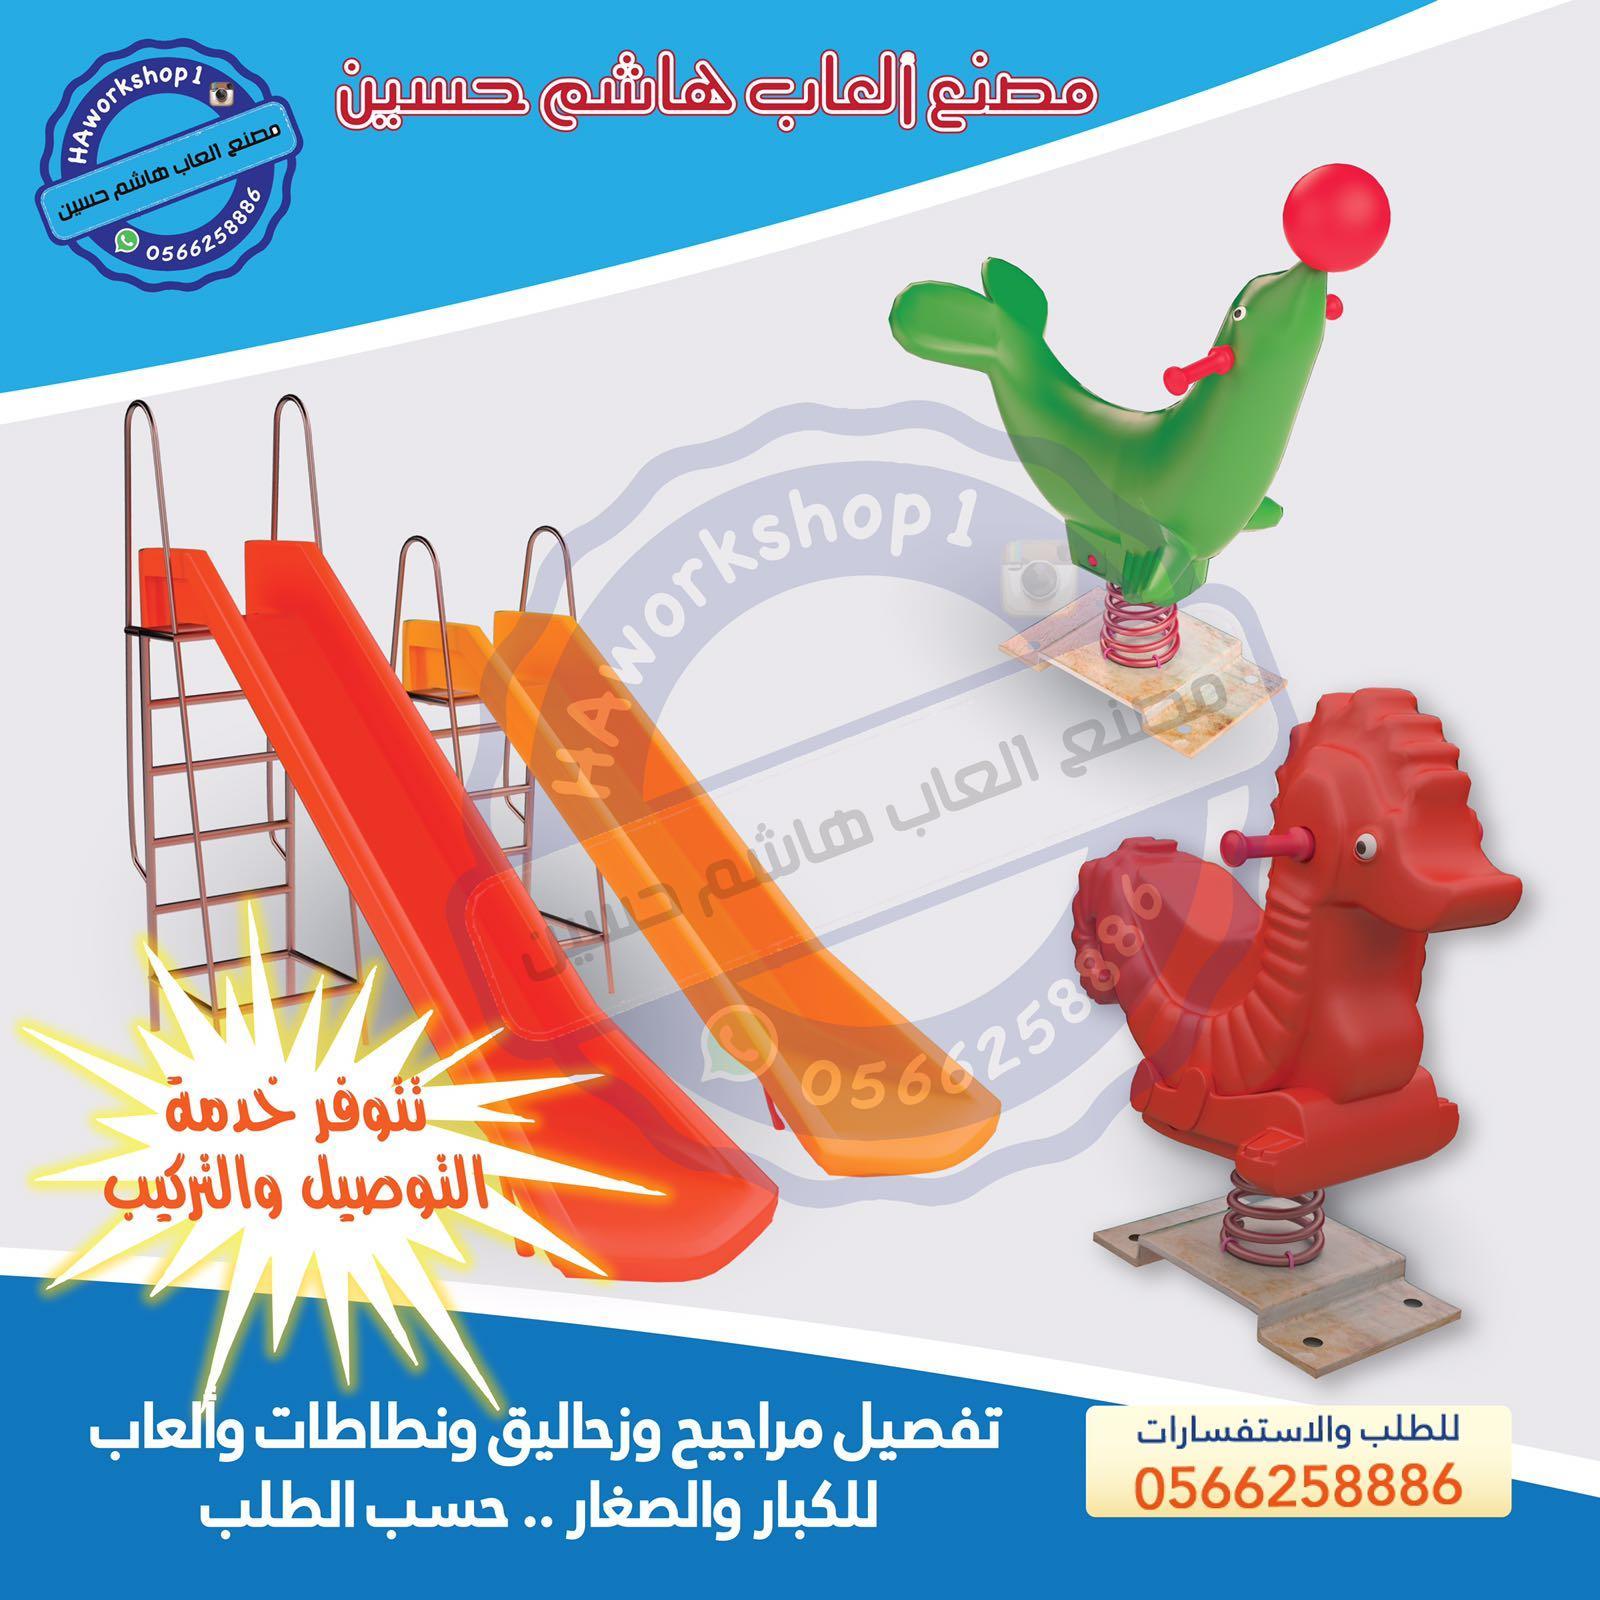 مصنع العاب هاشم حسين مراجيح زحاليق سلم تسلق صحن دوار نطاطات العاب هزازة 0566258886 817006181